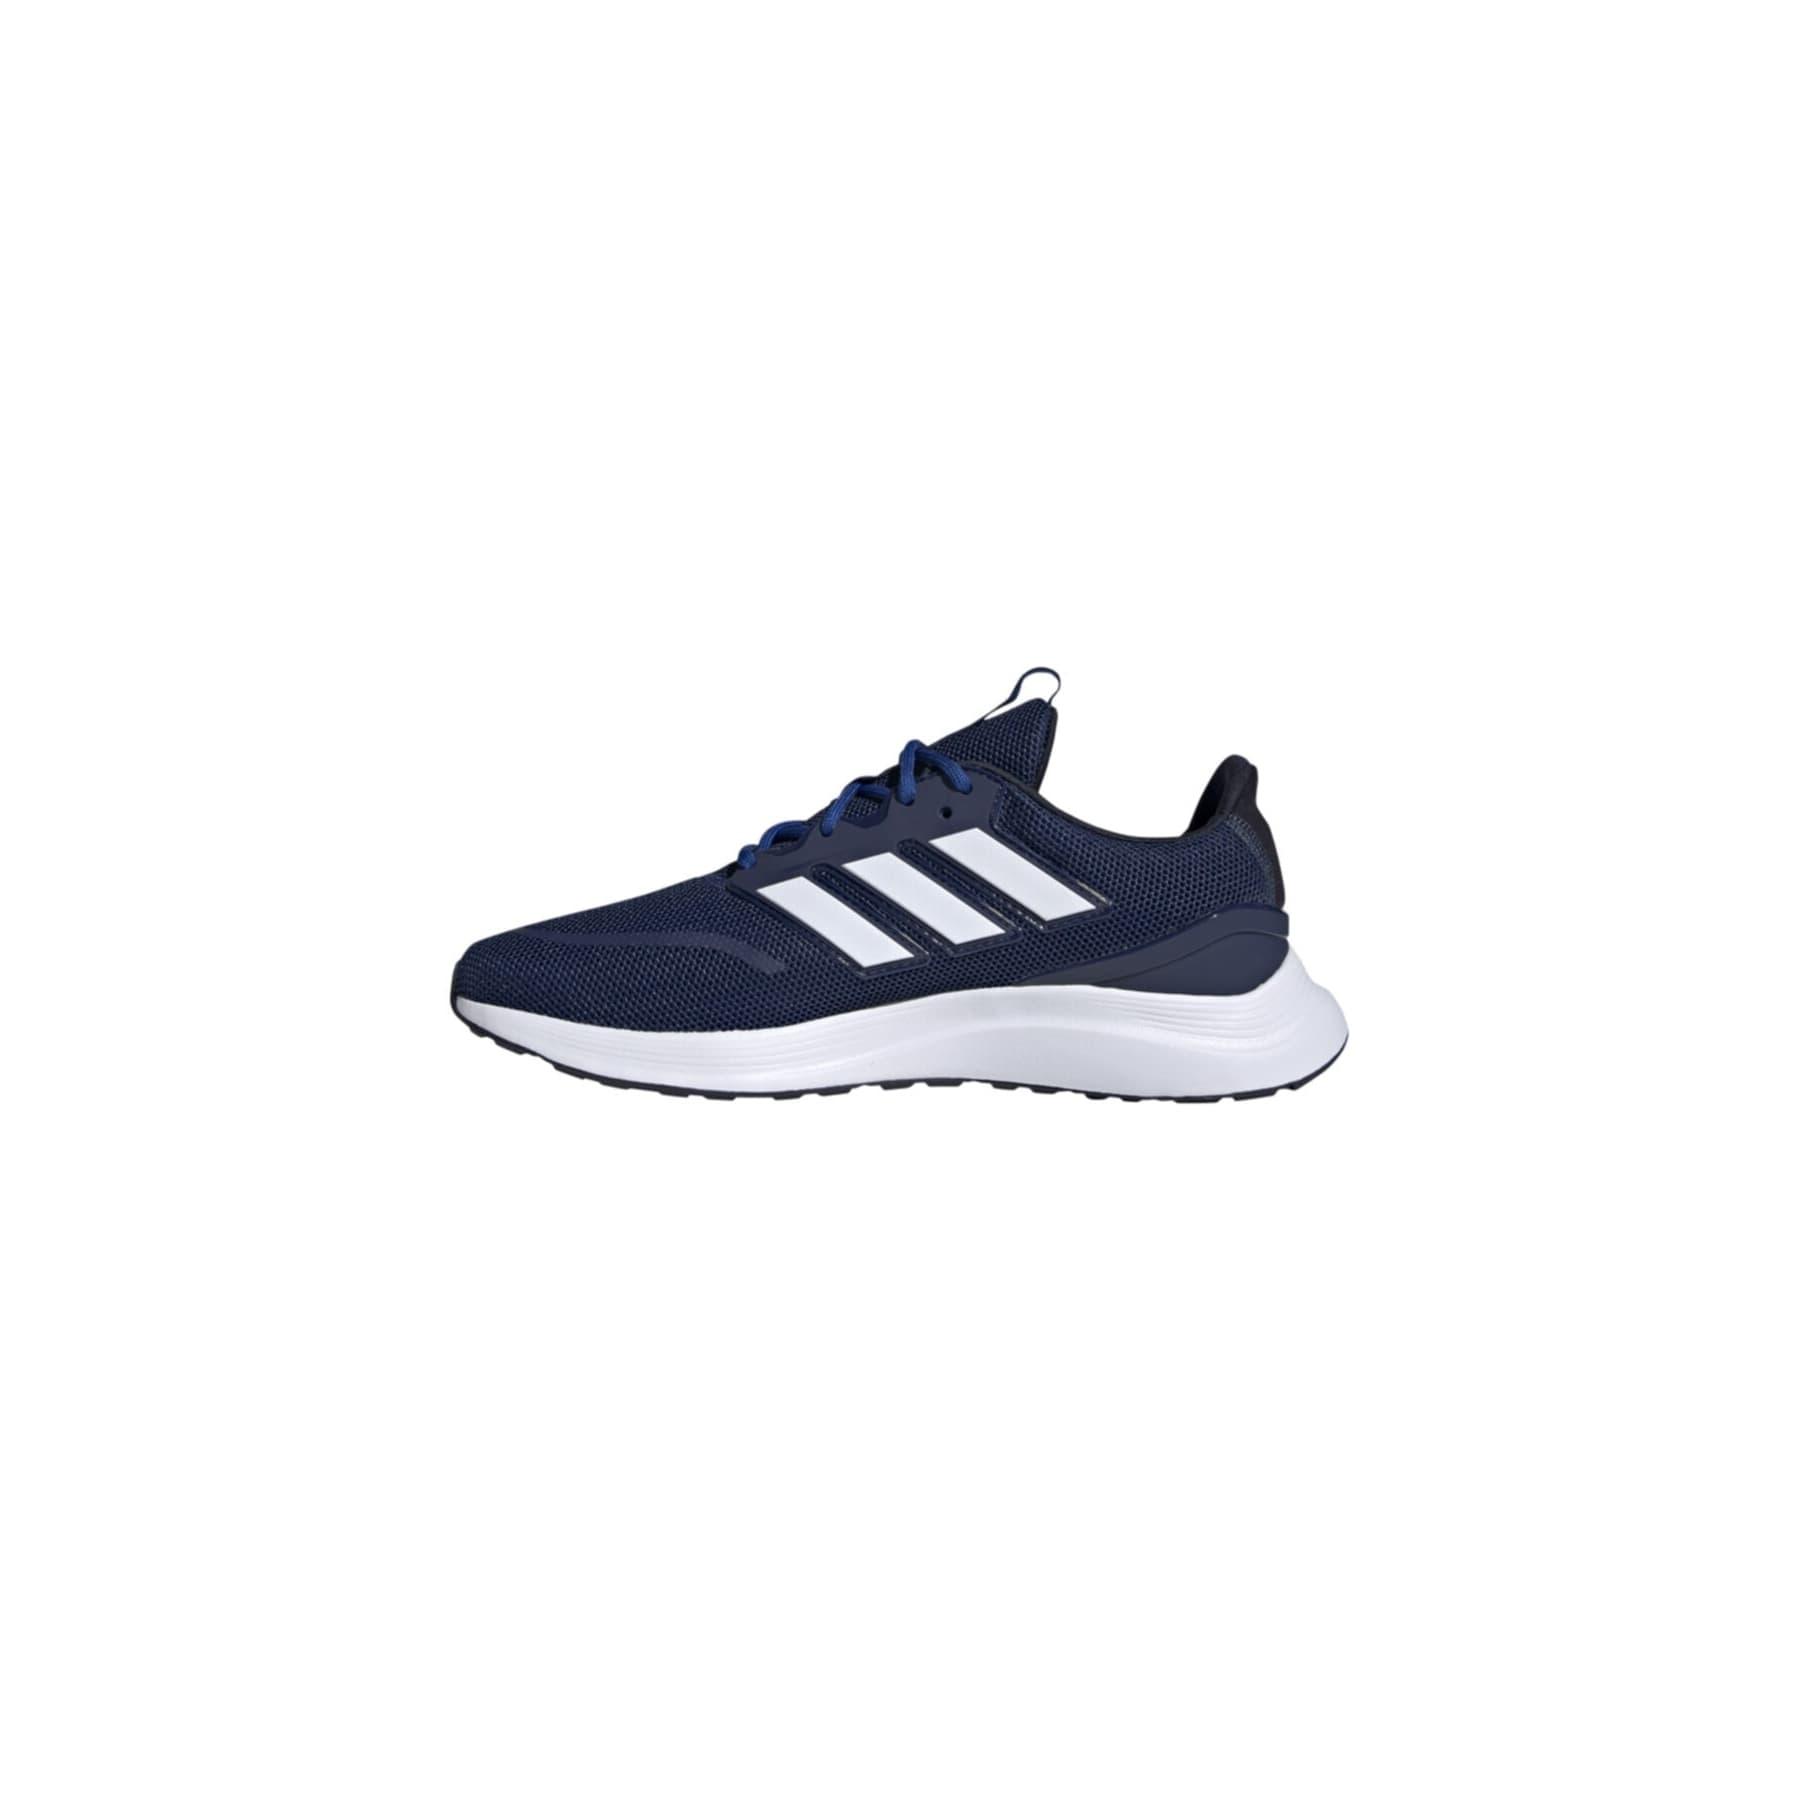 Energyfalcon Erkek Lacivert Koşu Ayakkabısı (EE9845)